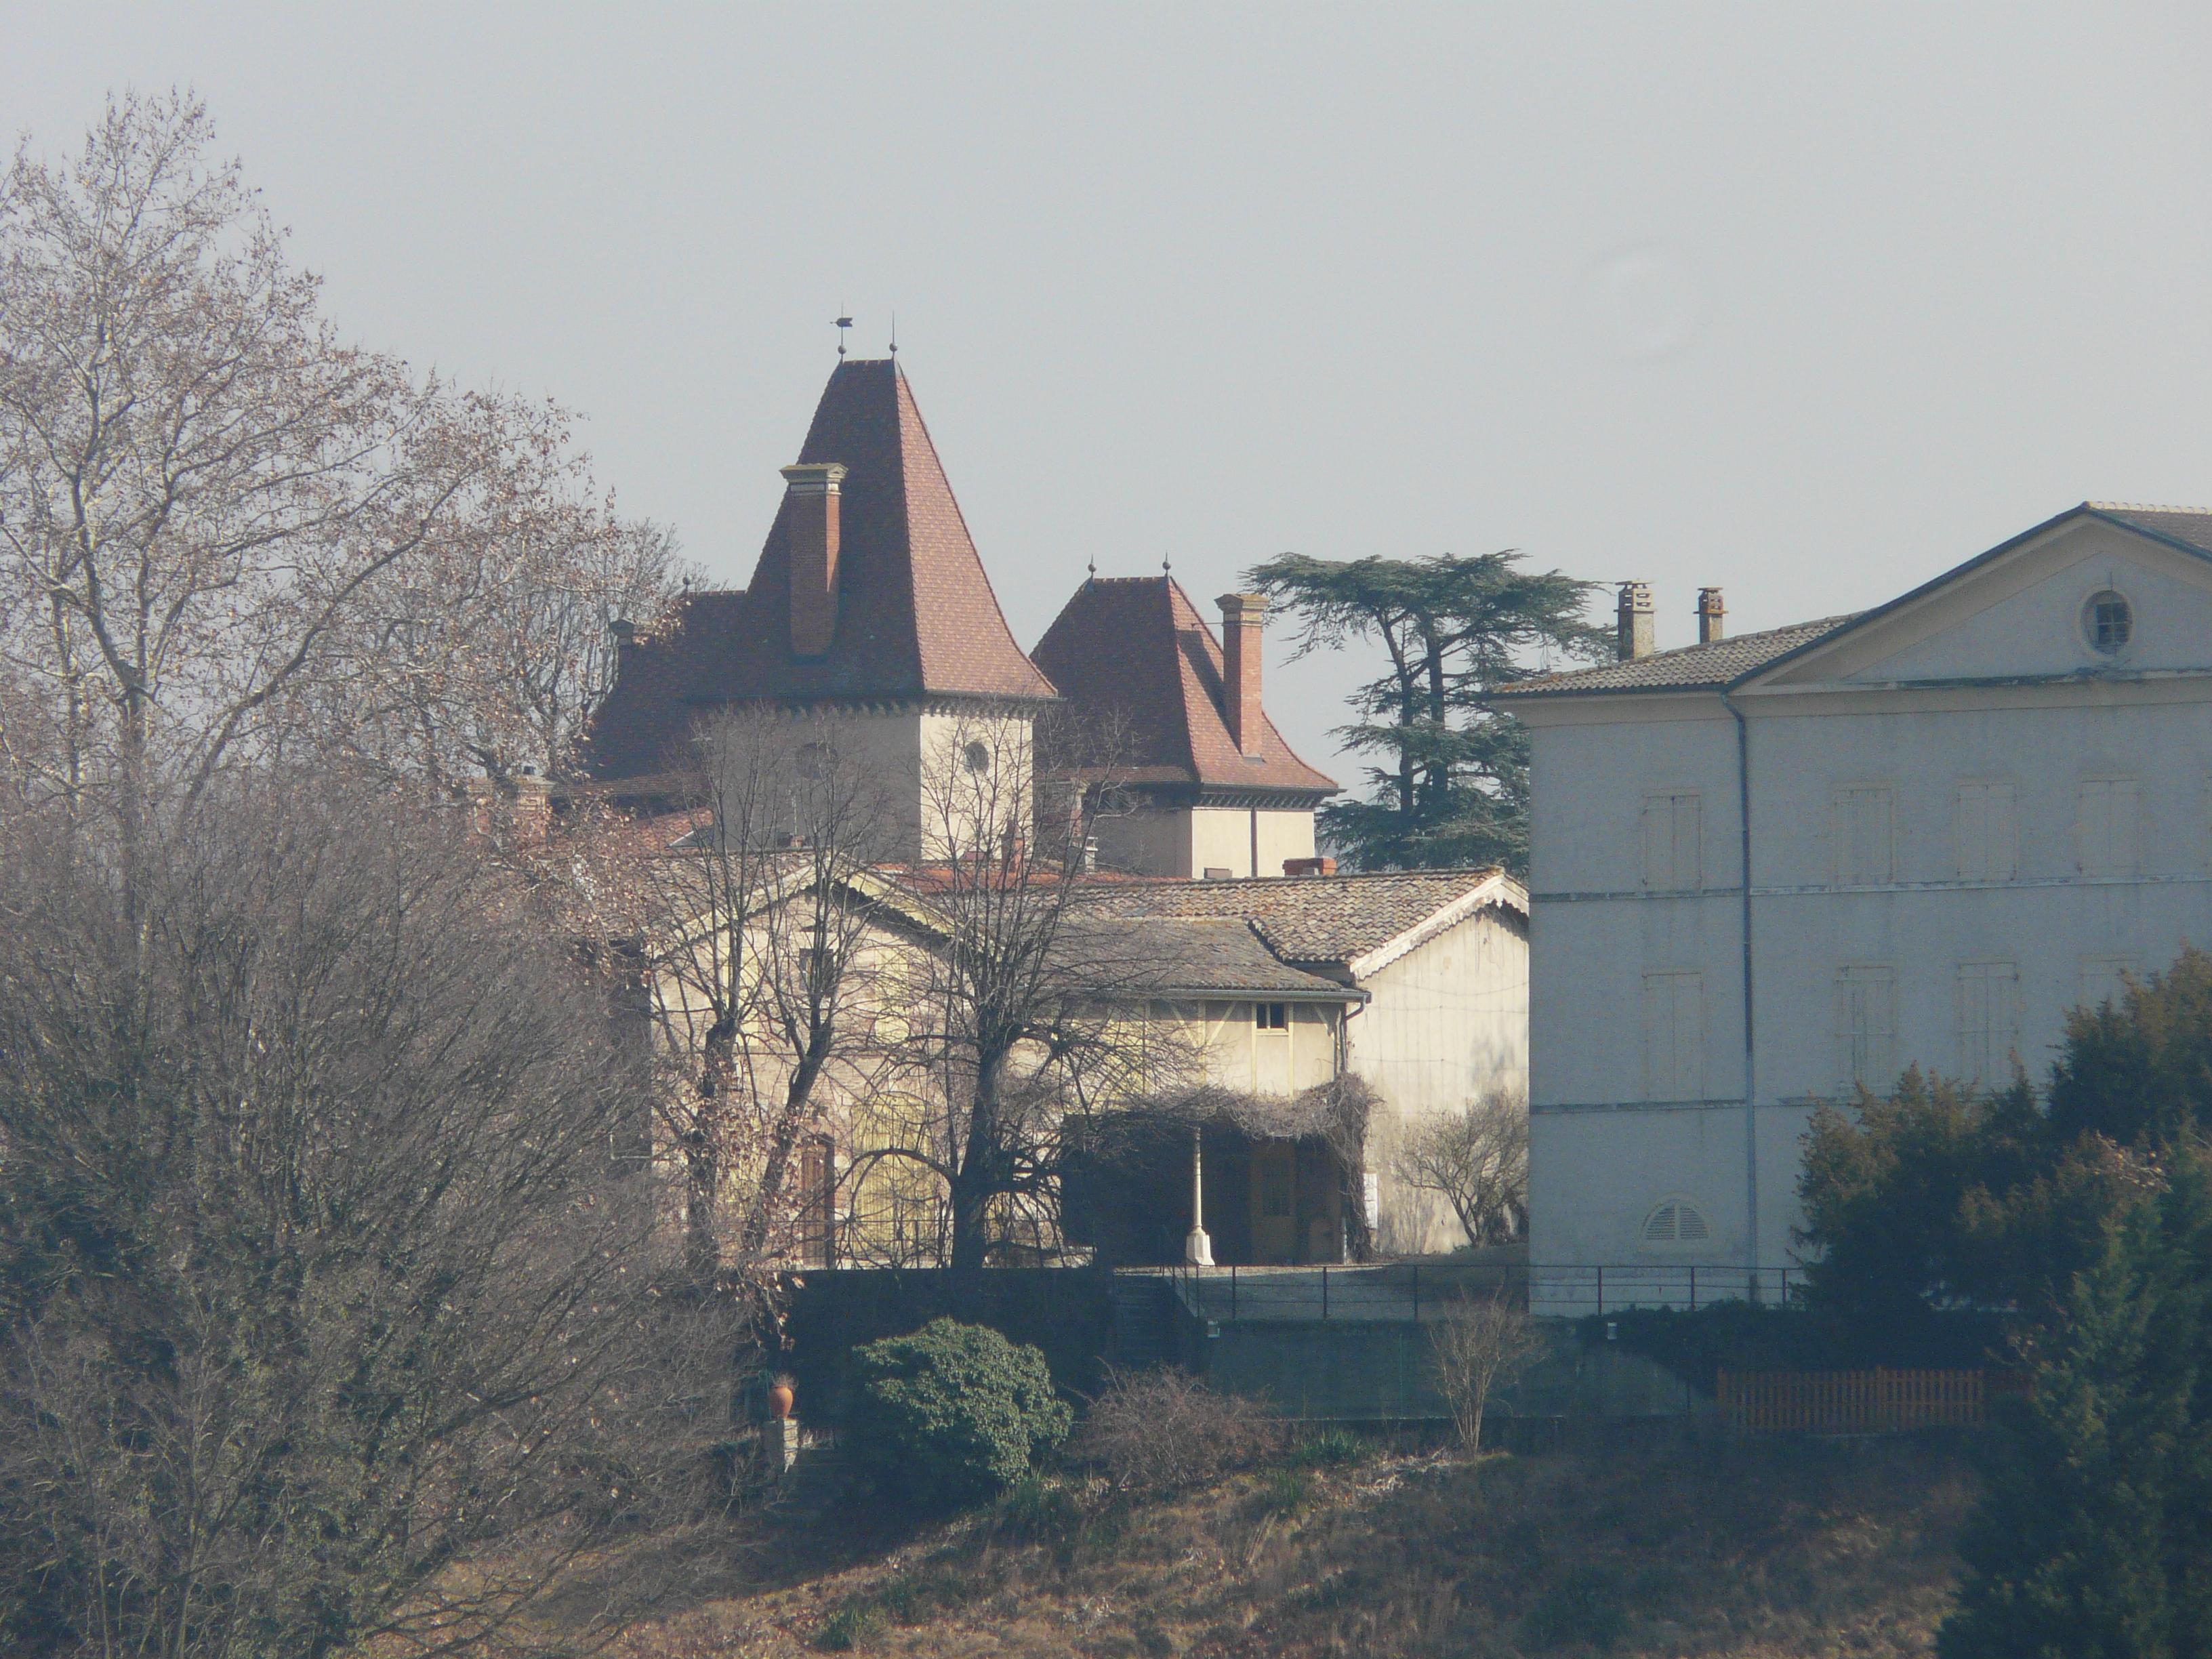 rencontres saint alban 2013 Forum balma index du forum- balma sporting blub- photos rencontres balma: sujet du message: balma/aucamville-saint alban le 02/03/2013 3 à 3:.